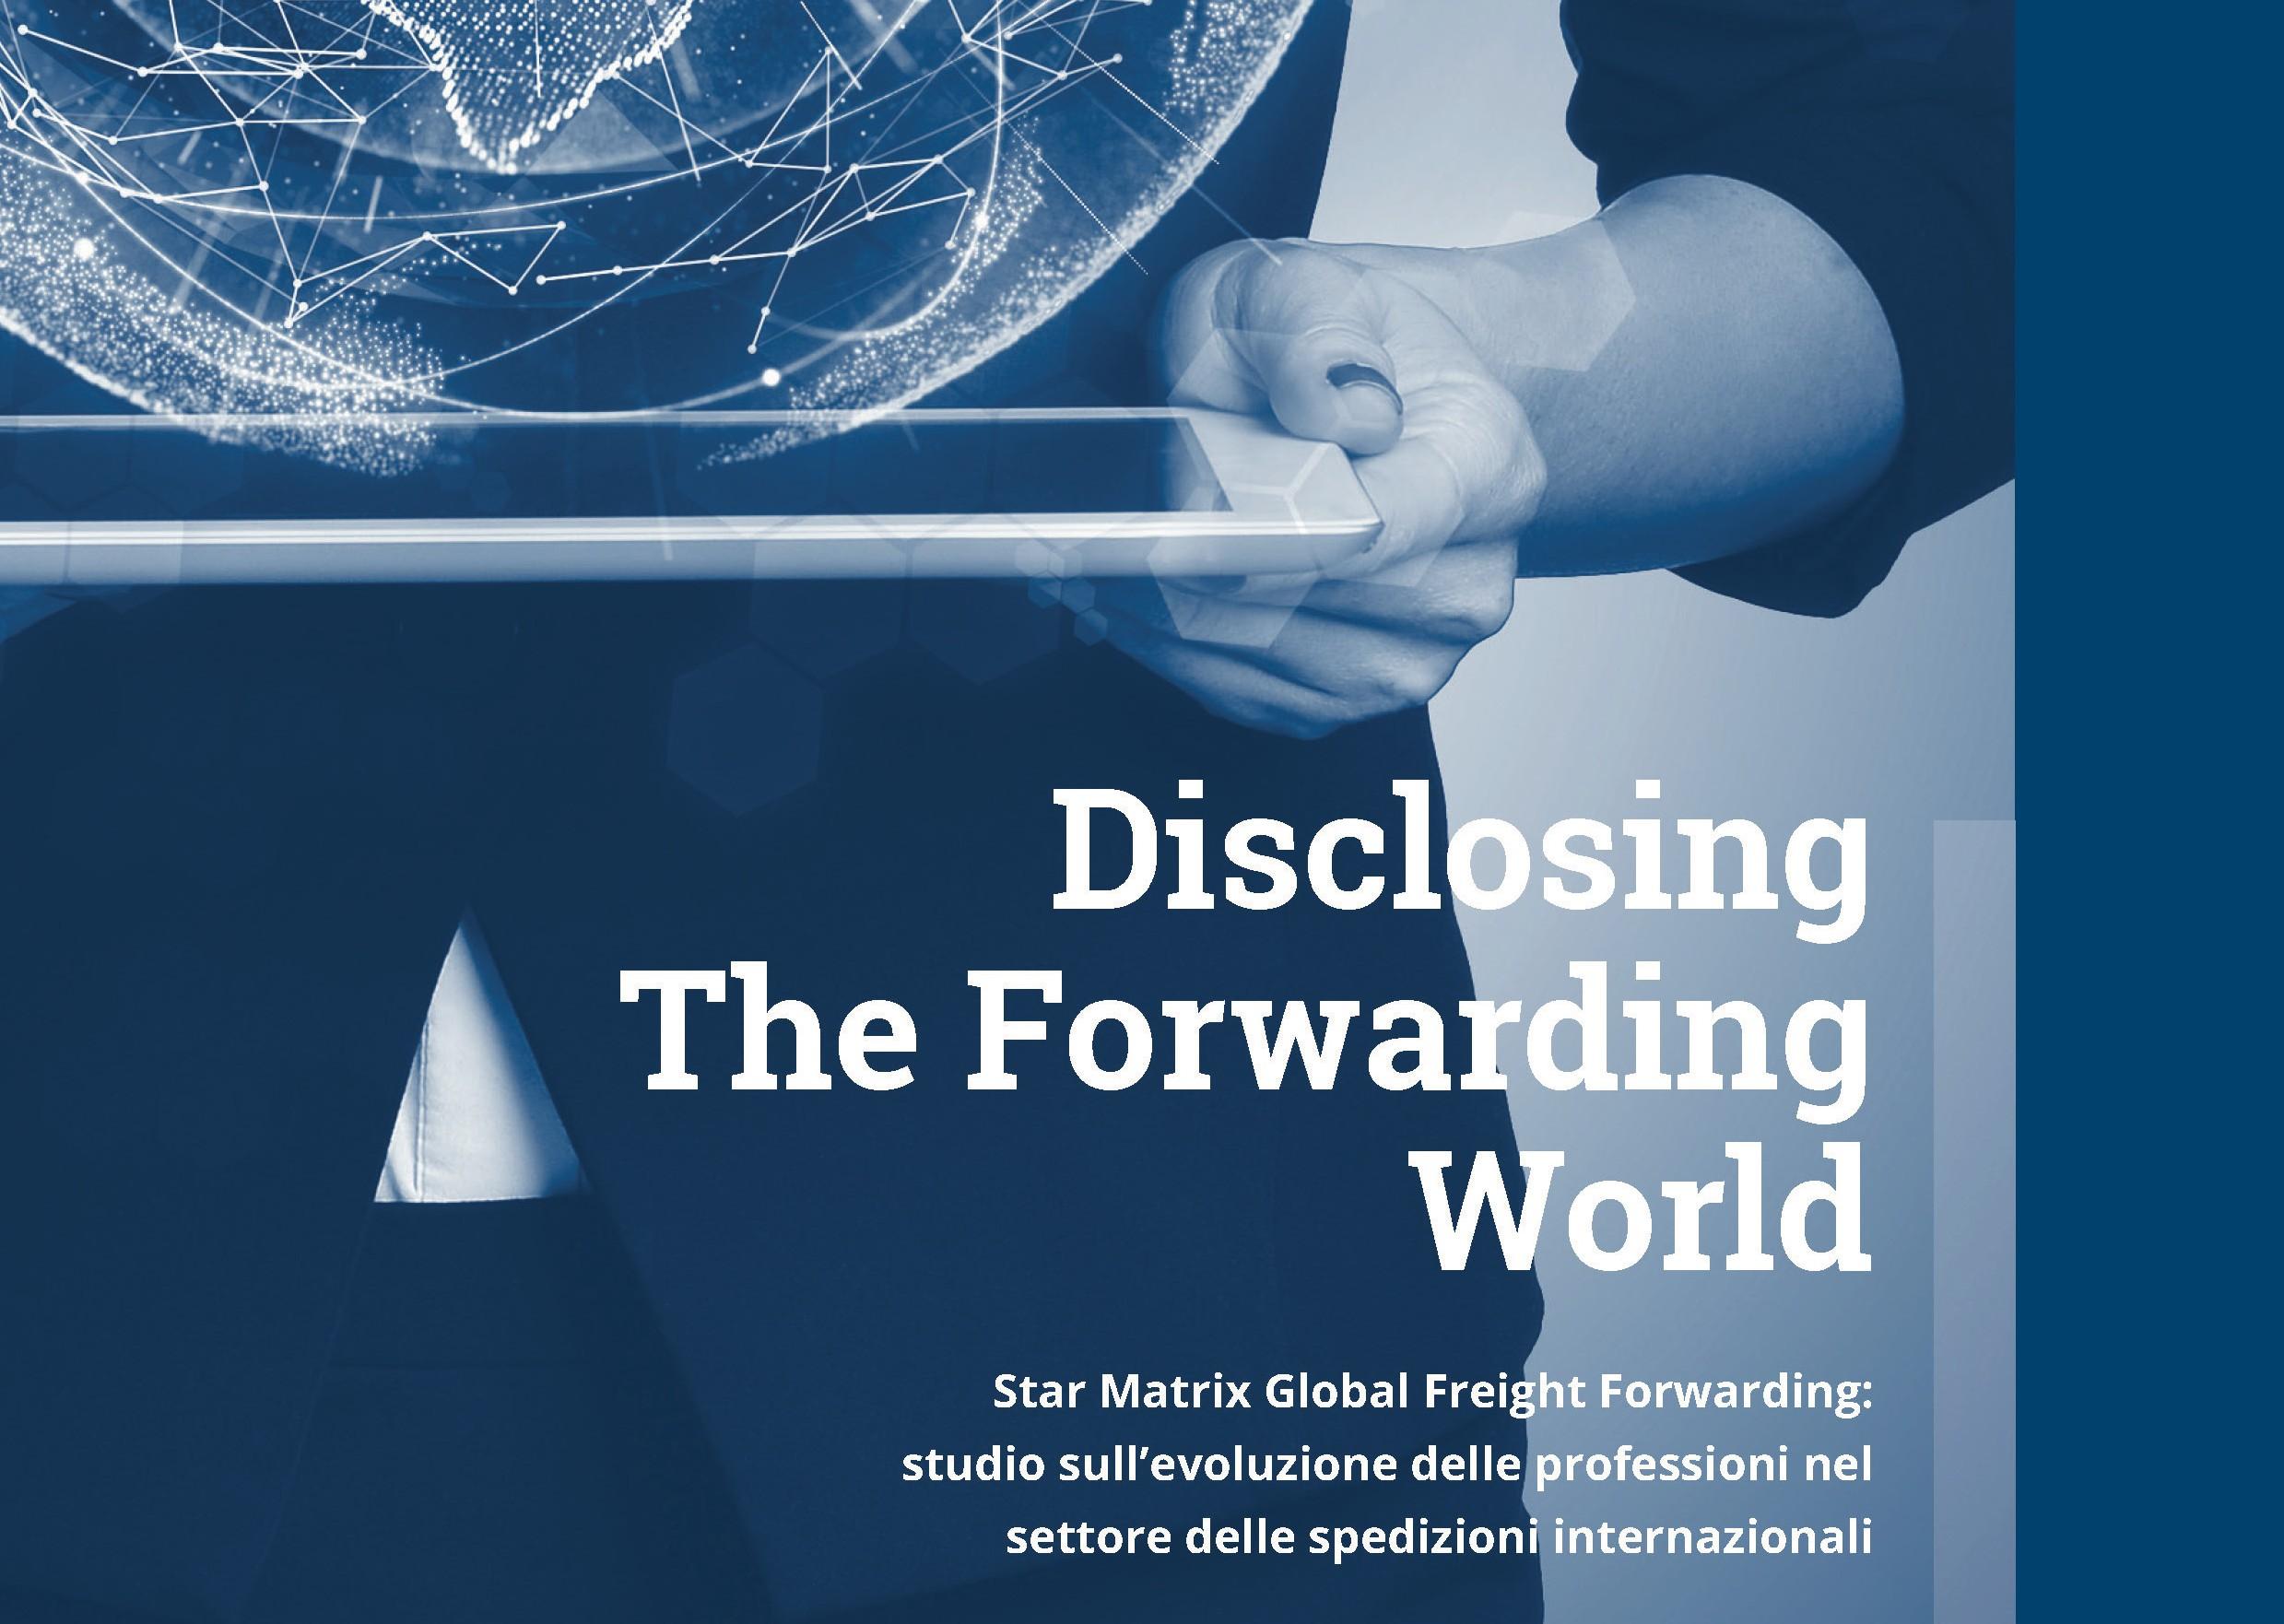 Studio sull'evoluzione delle professioni nel settore delle spedizioni internazionali